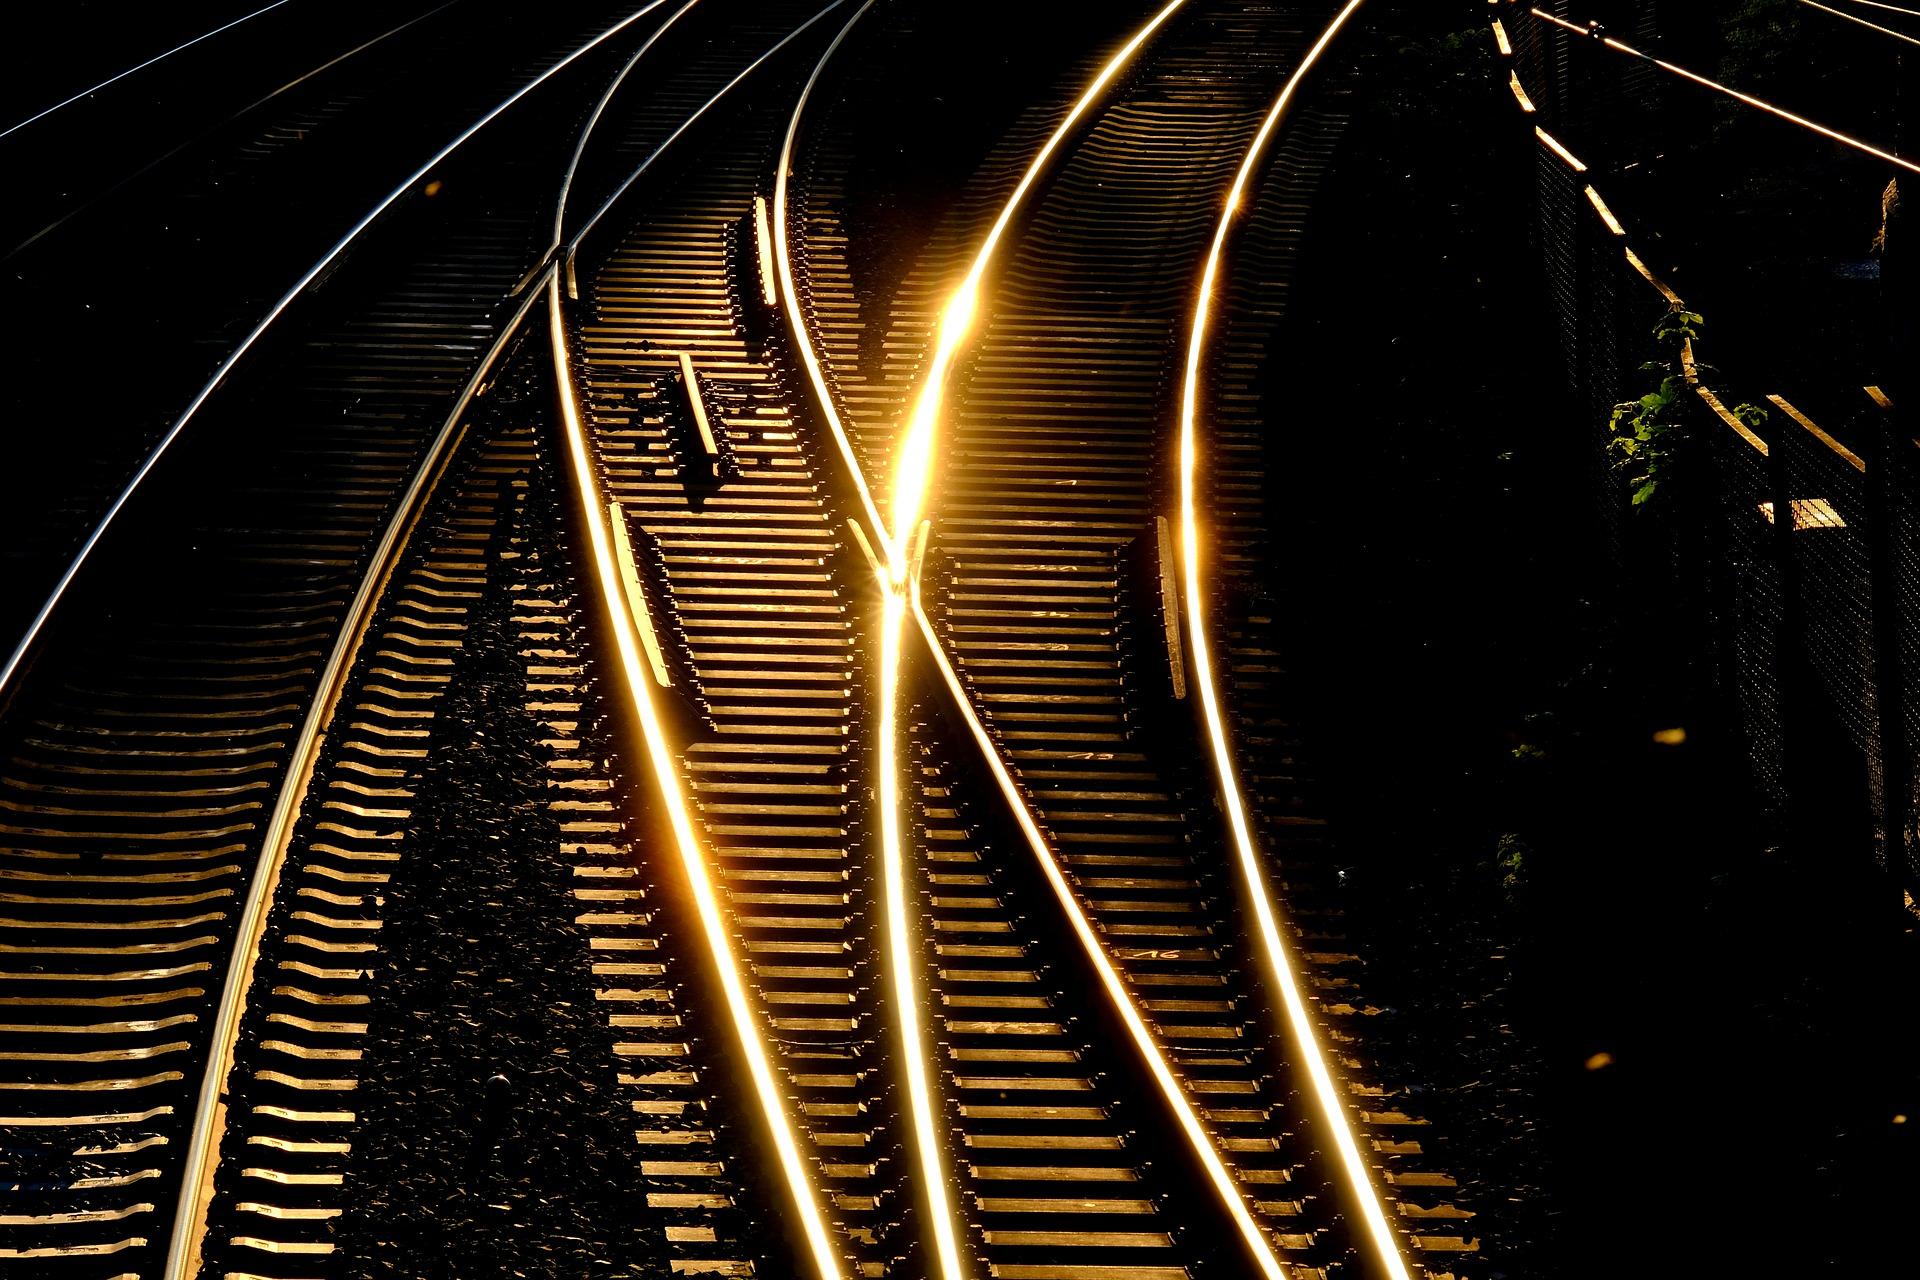 Pociąg Japan Railway odjechał 25 sekund za wcześnie. Przewoźnik przeprasza